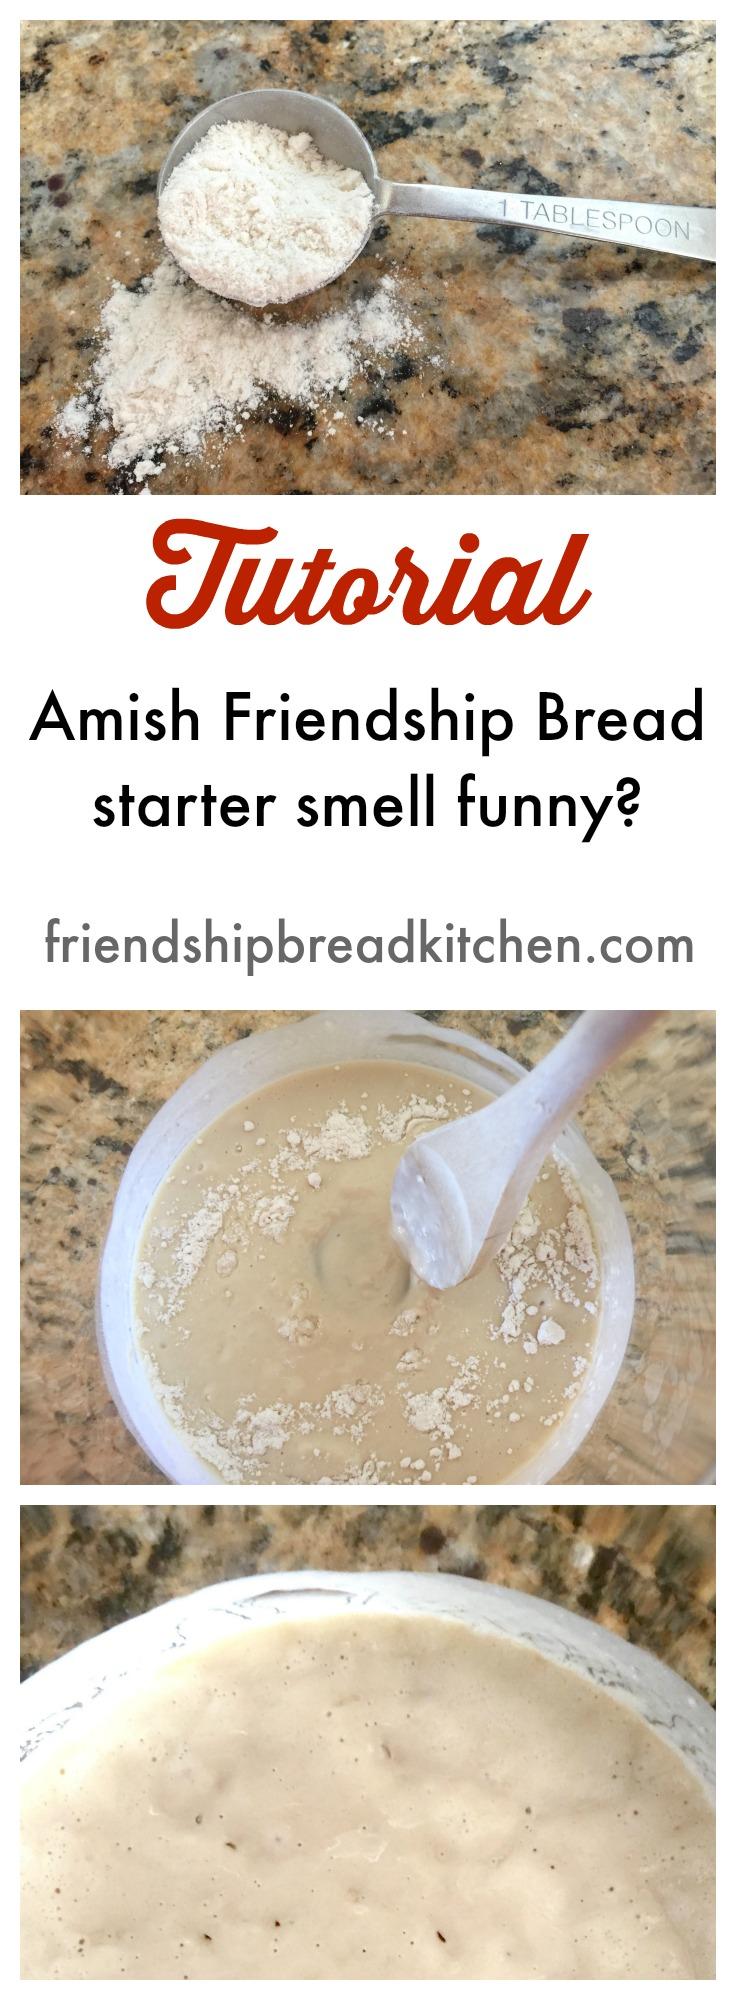 Amish Friendship Bread Starter Tutorial ♥ friendshipbreadkitchen.com